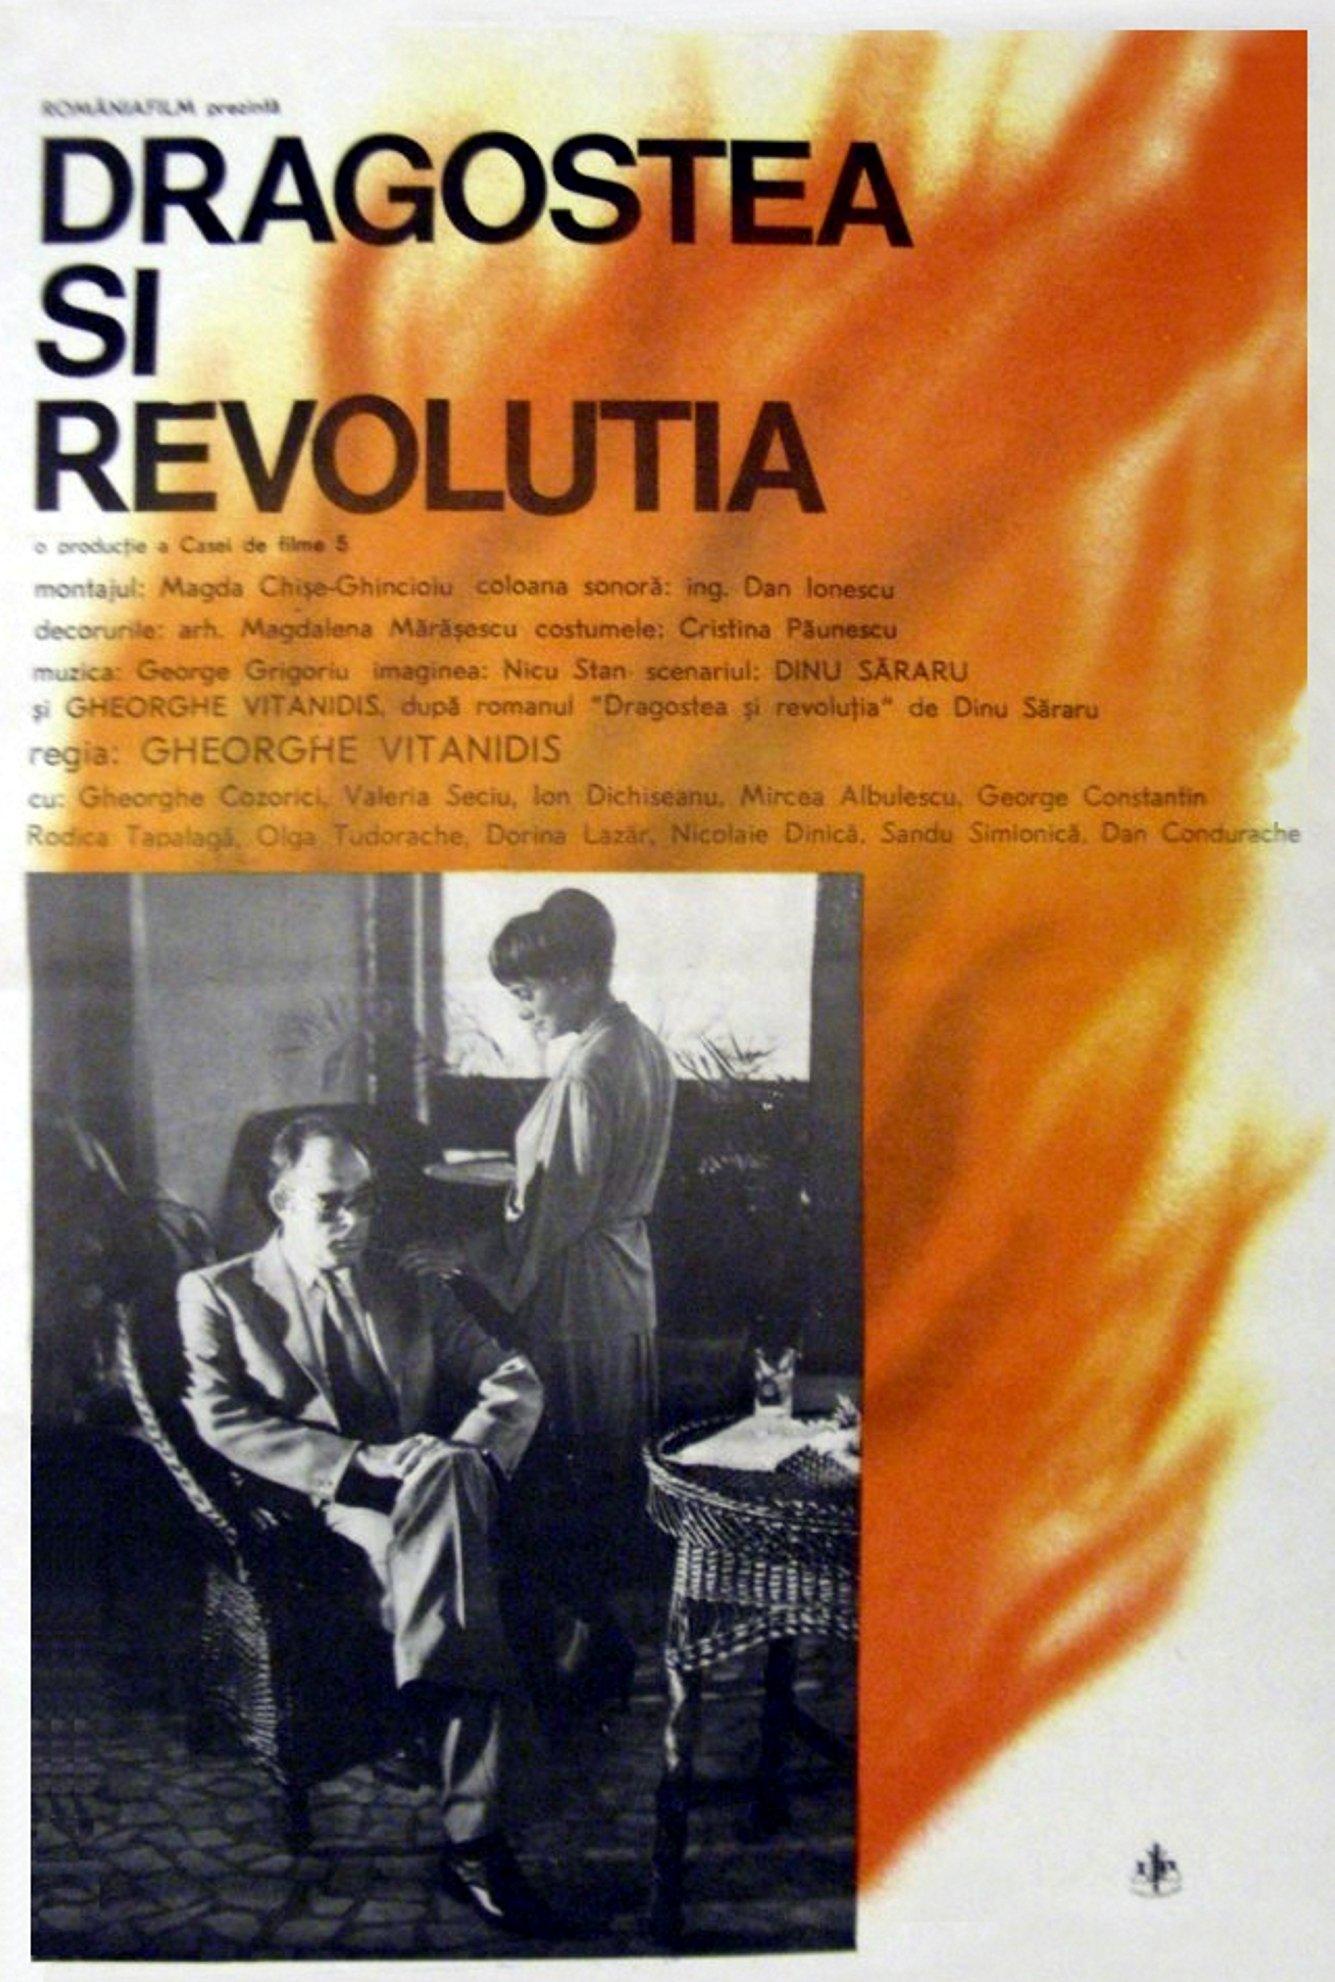 Dragostea si revolutia ((1983))